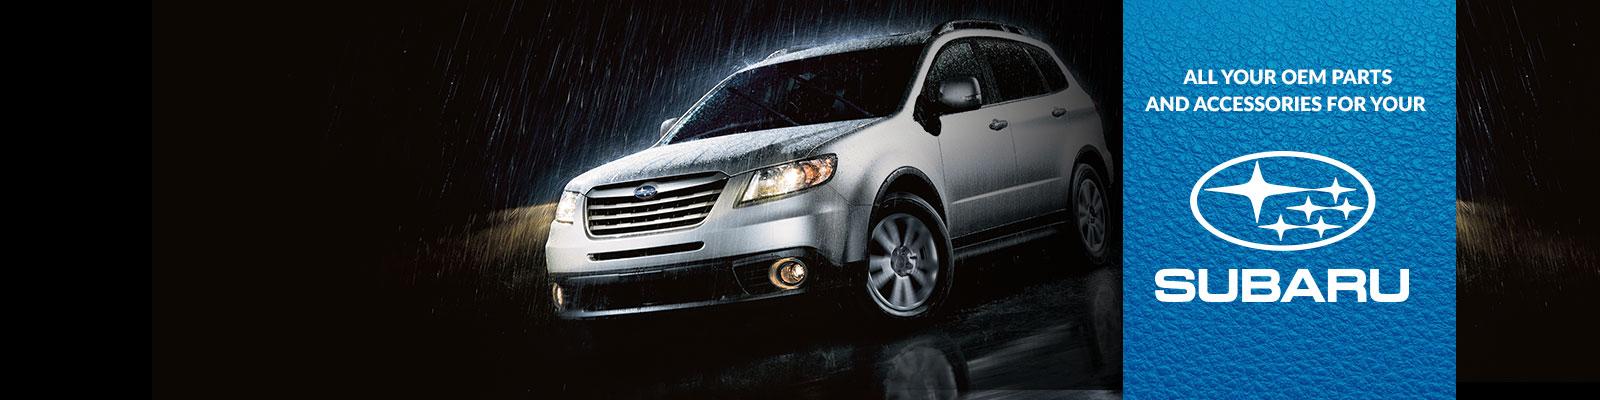 OEM Subaru Parts